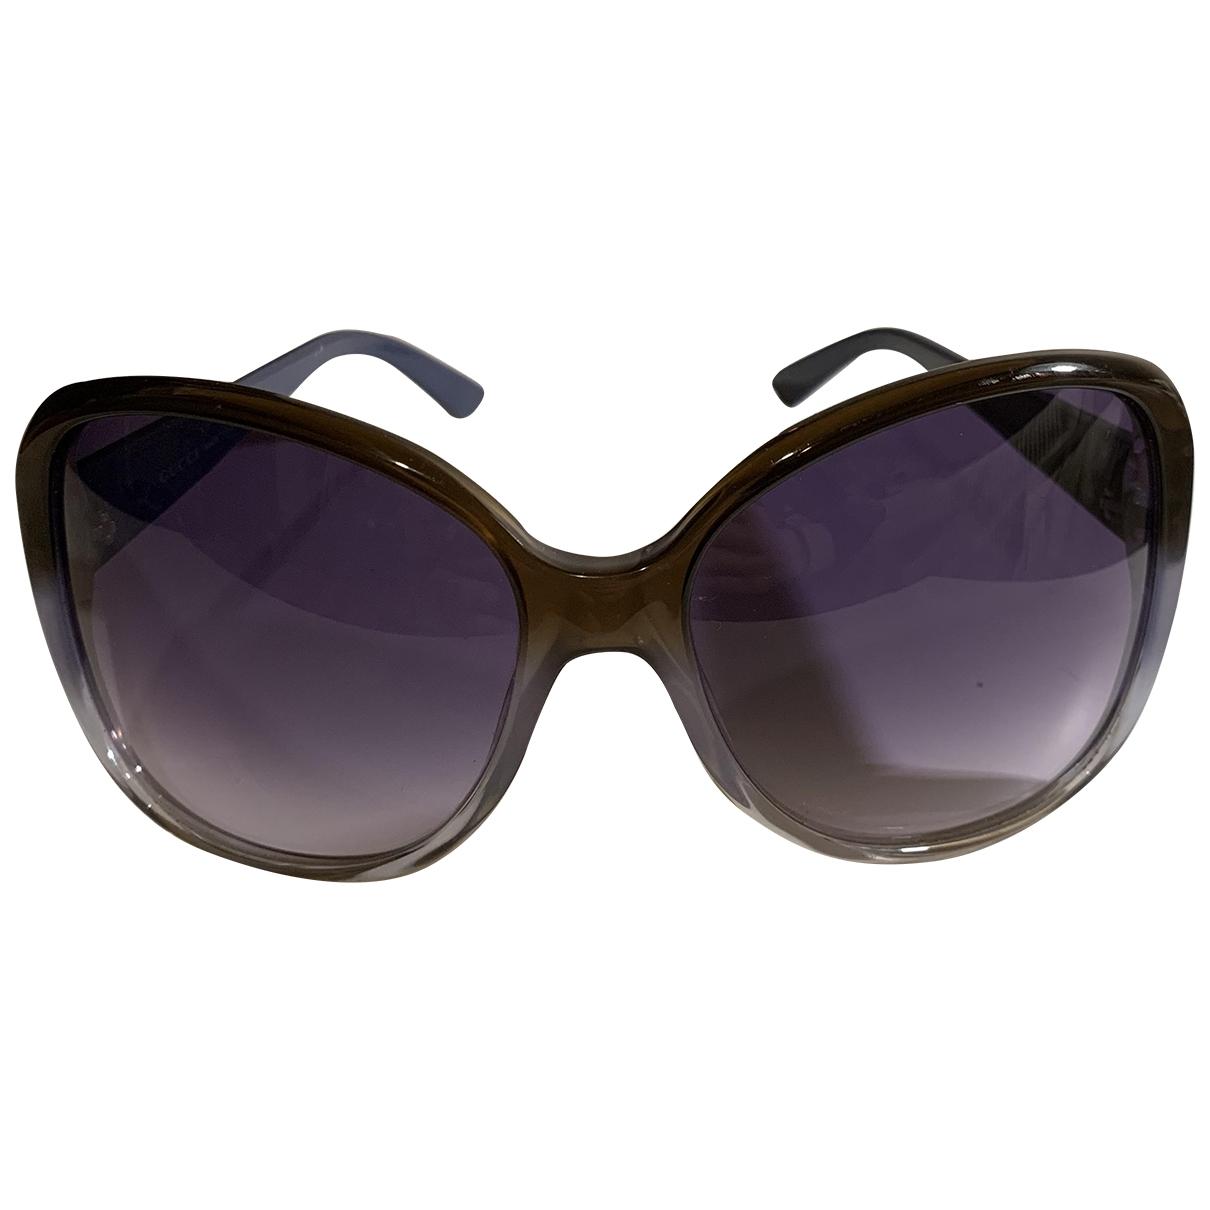 Gucci - Lunettes   pour femme - violet